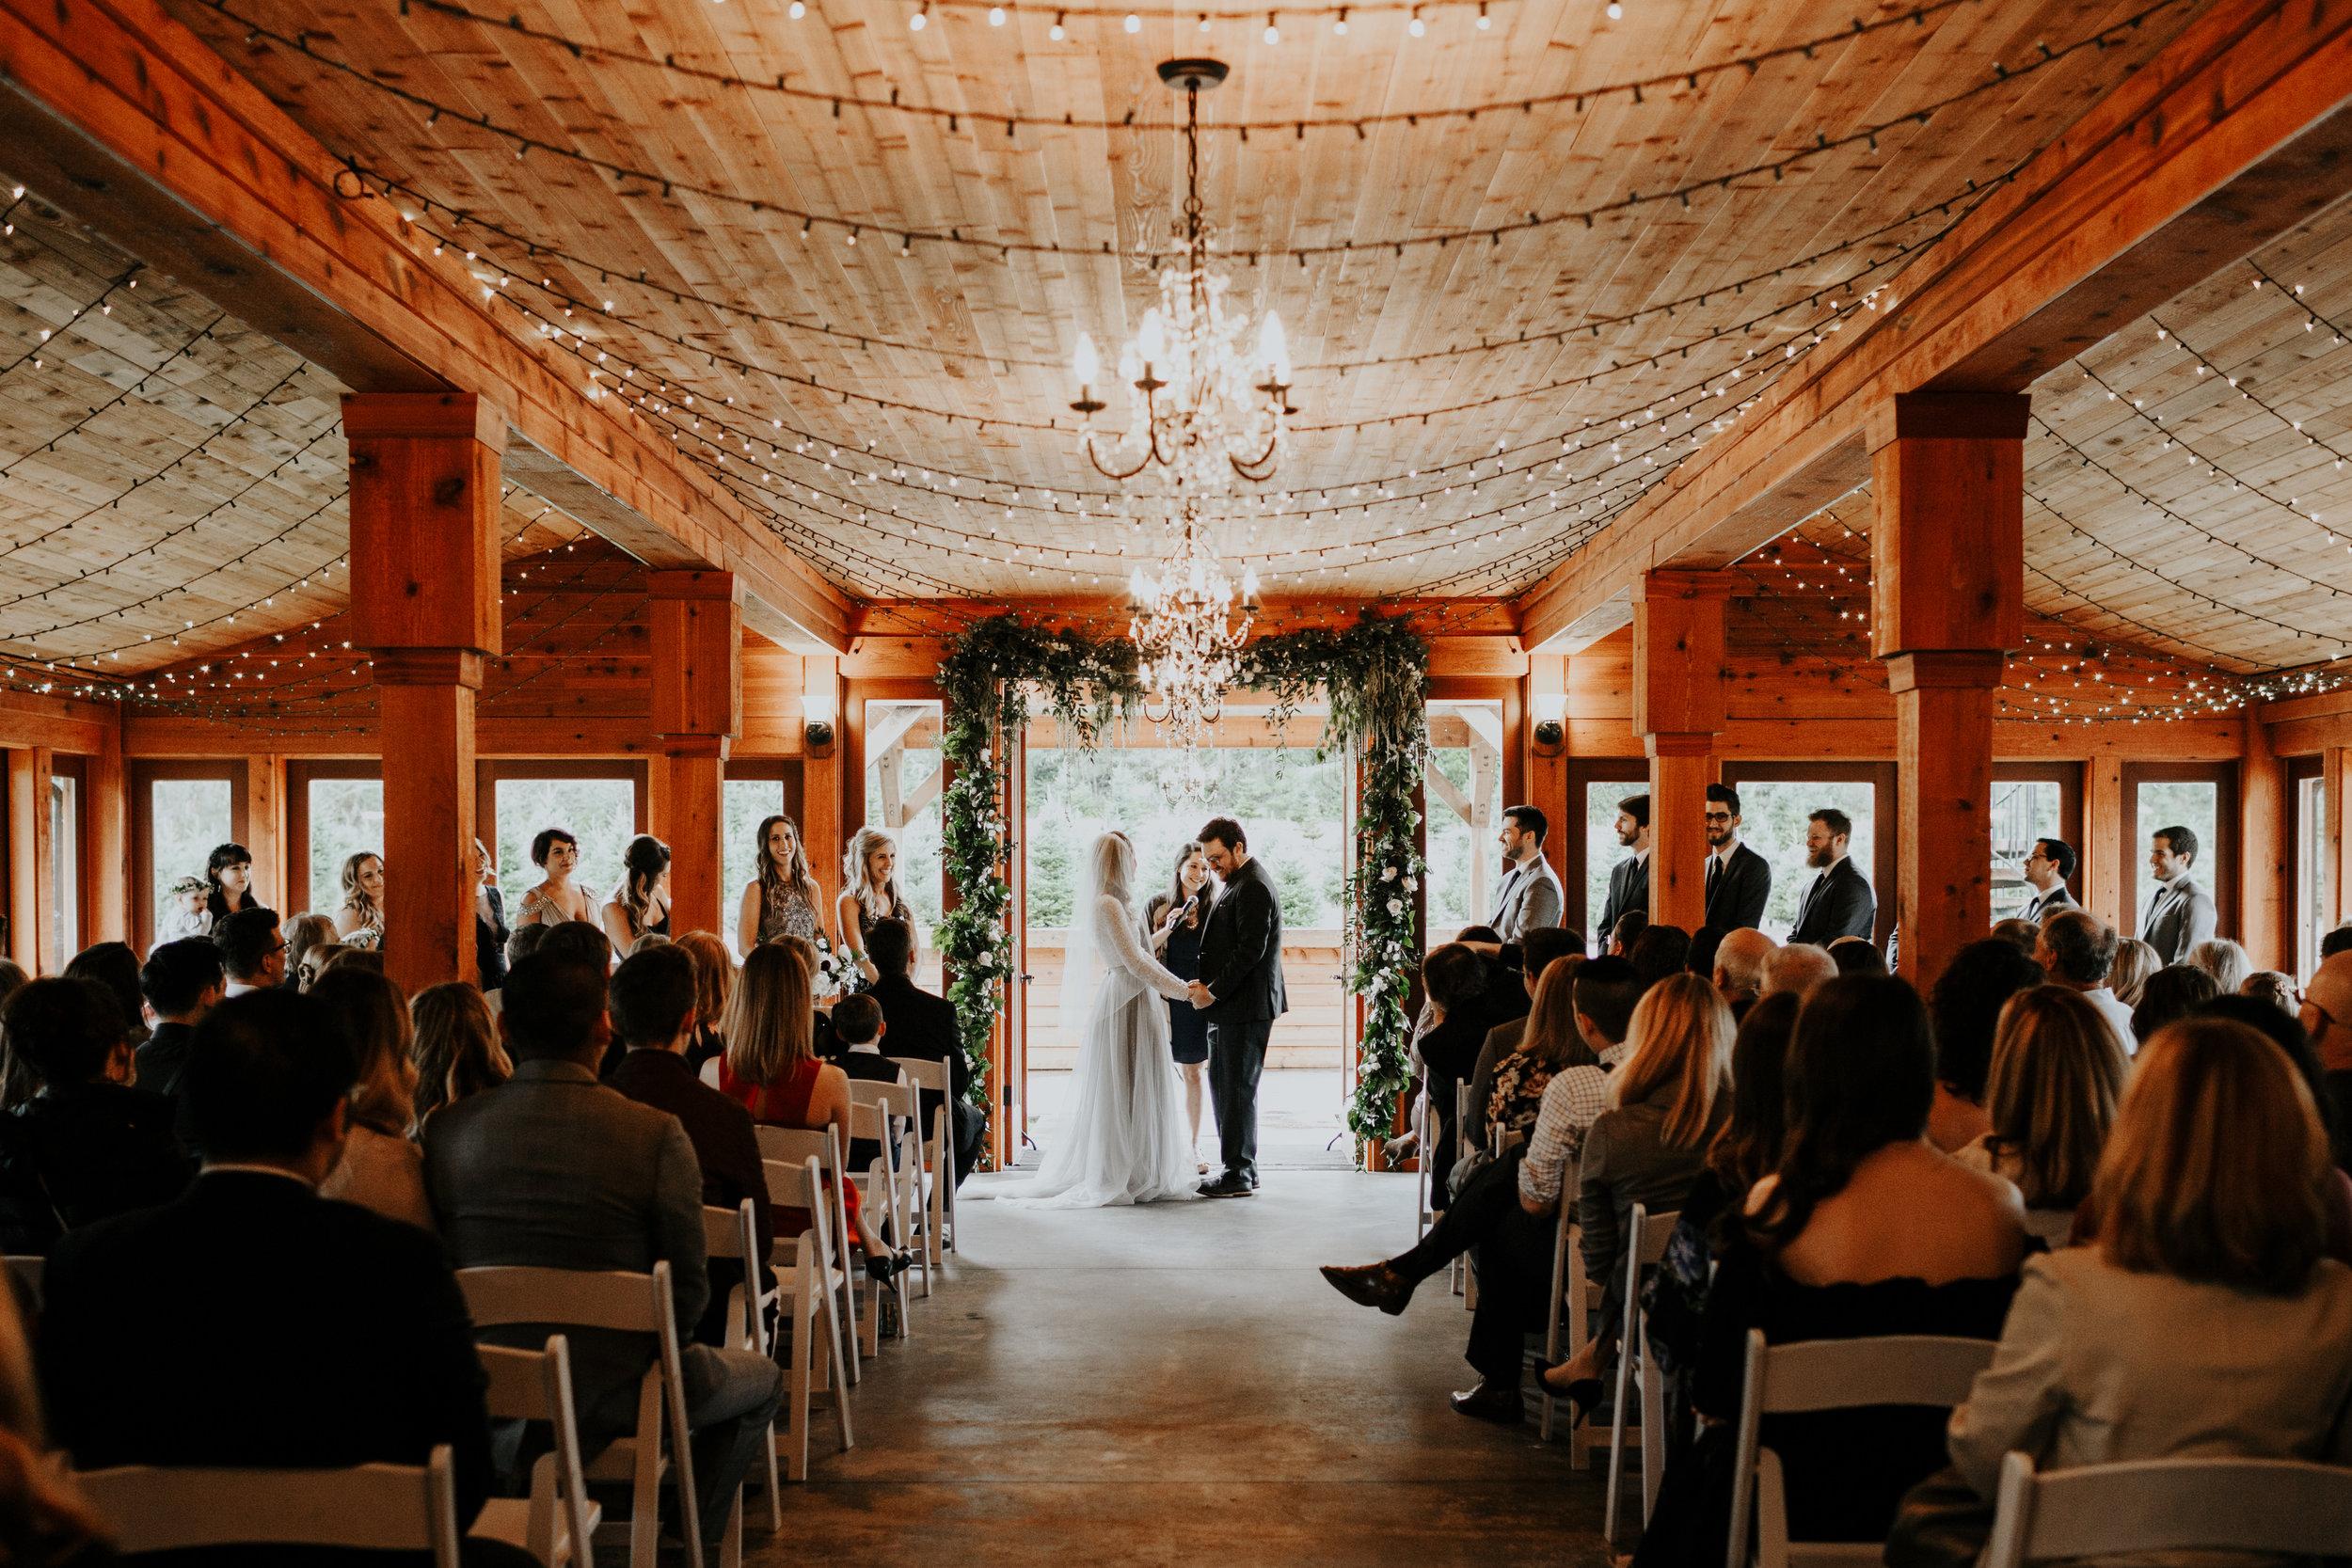 ginapaulson-courtnyandryan-wedding-641.jpg